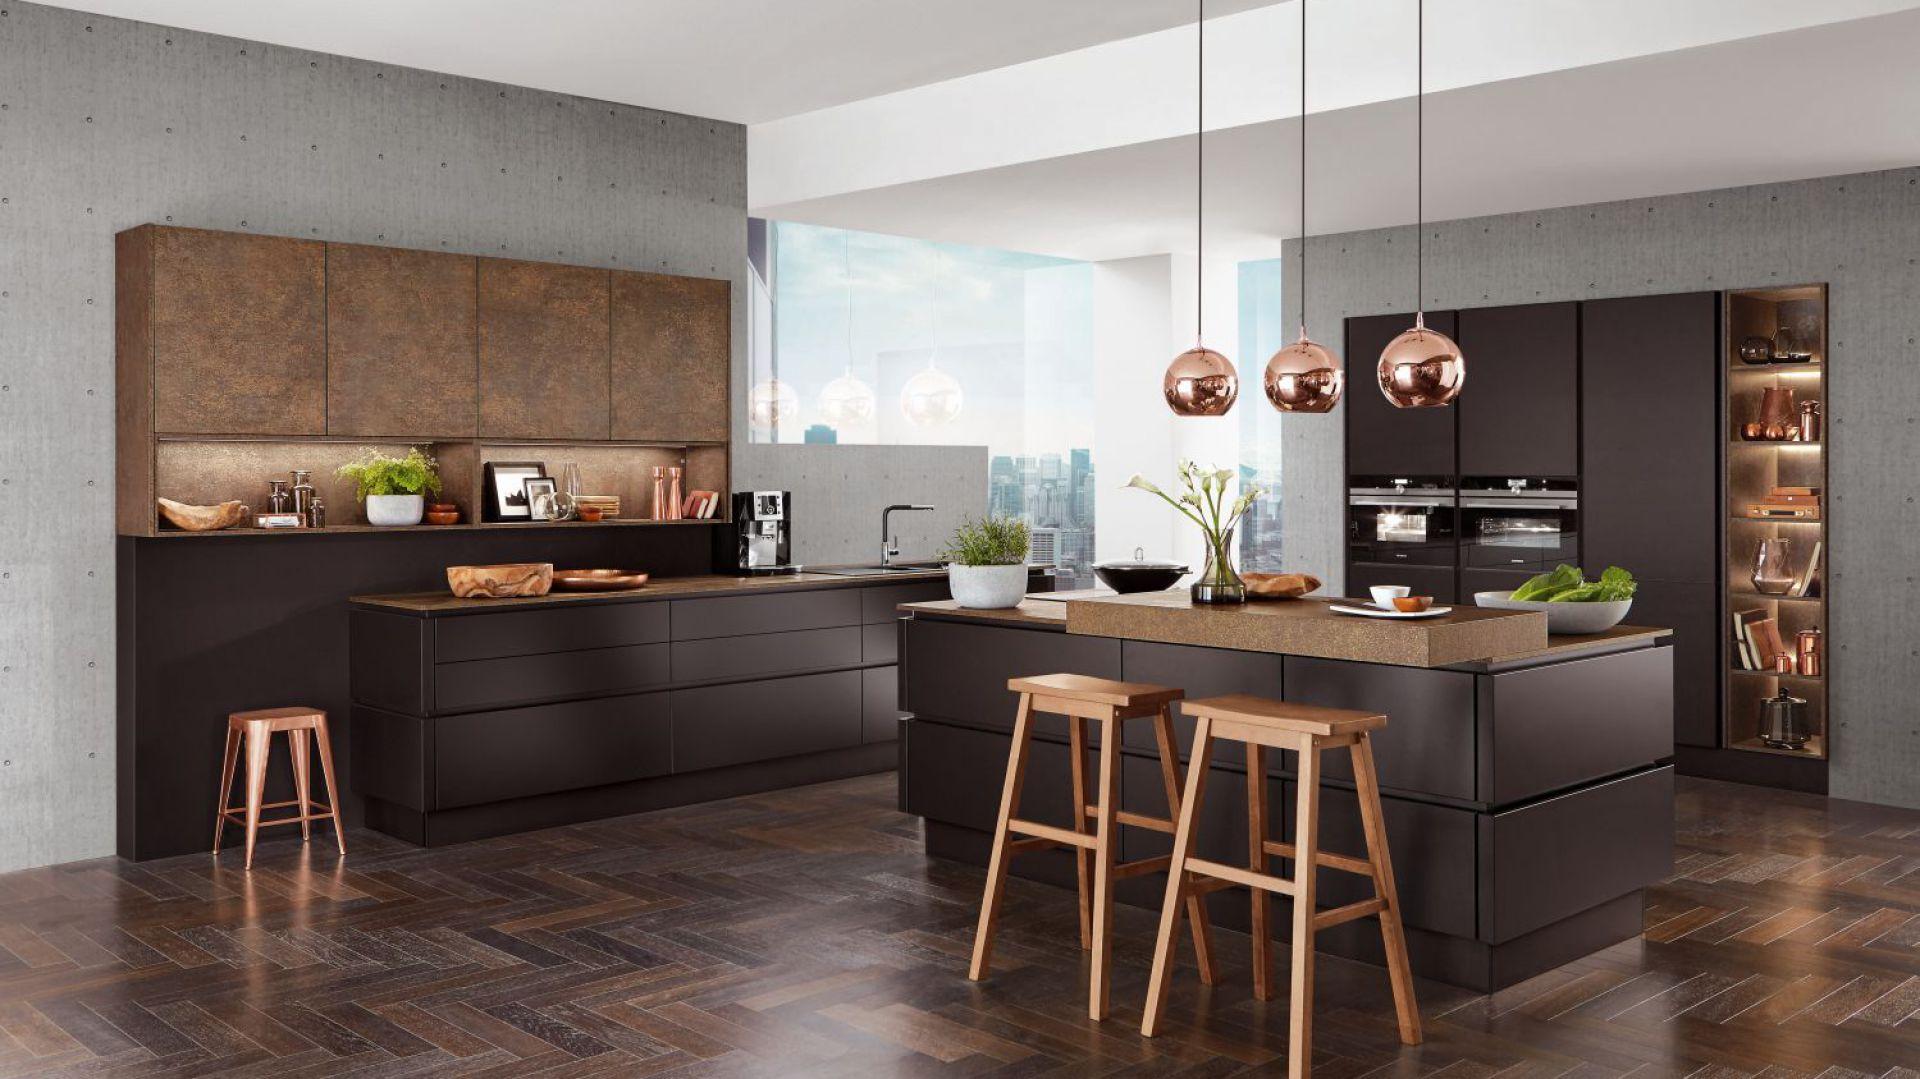 Kuchnia Touch 340 nowoczesny wygląd zawdzięcza frontów z charakterystyczną zacieraną fakturą. Wysokiej klasy laminaty wiernie odwzorowują kolor i fakturę naturalnych materiałów. Fot. Verle Küchen